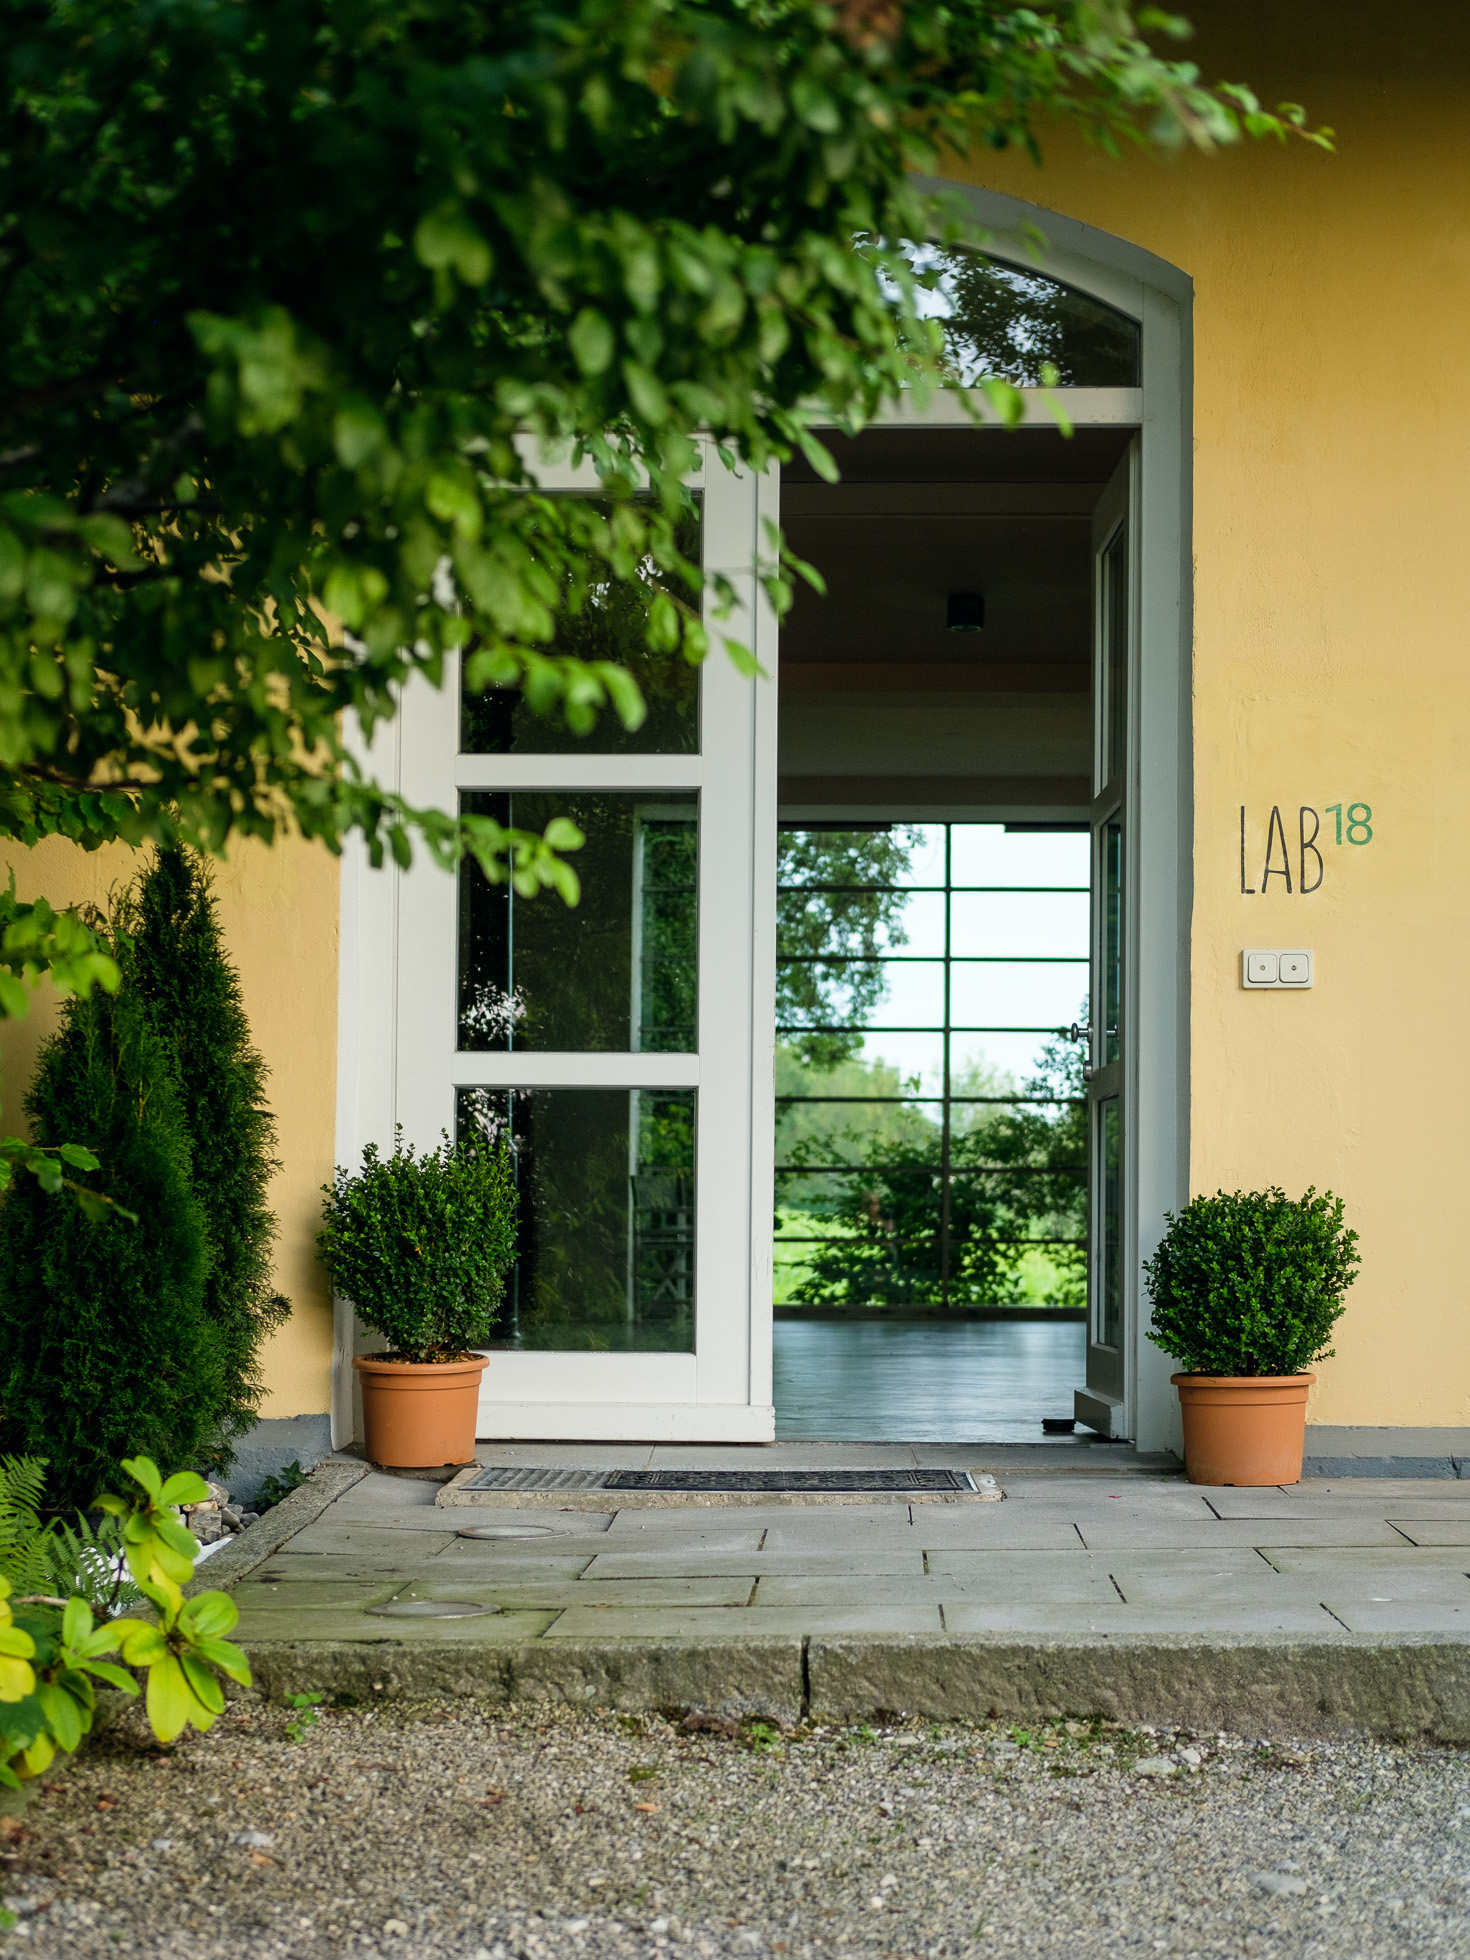 Außenaufnahme des Workshops-Raums LAB18 mit Eingangstür und gelber Außenfassade